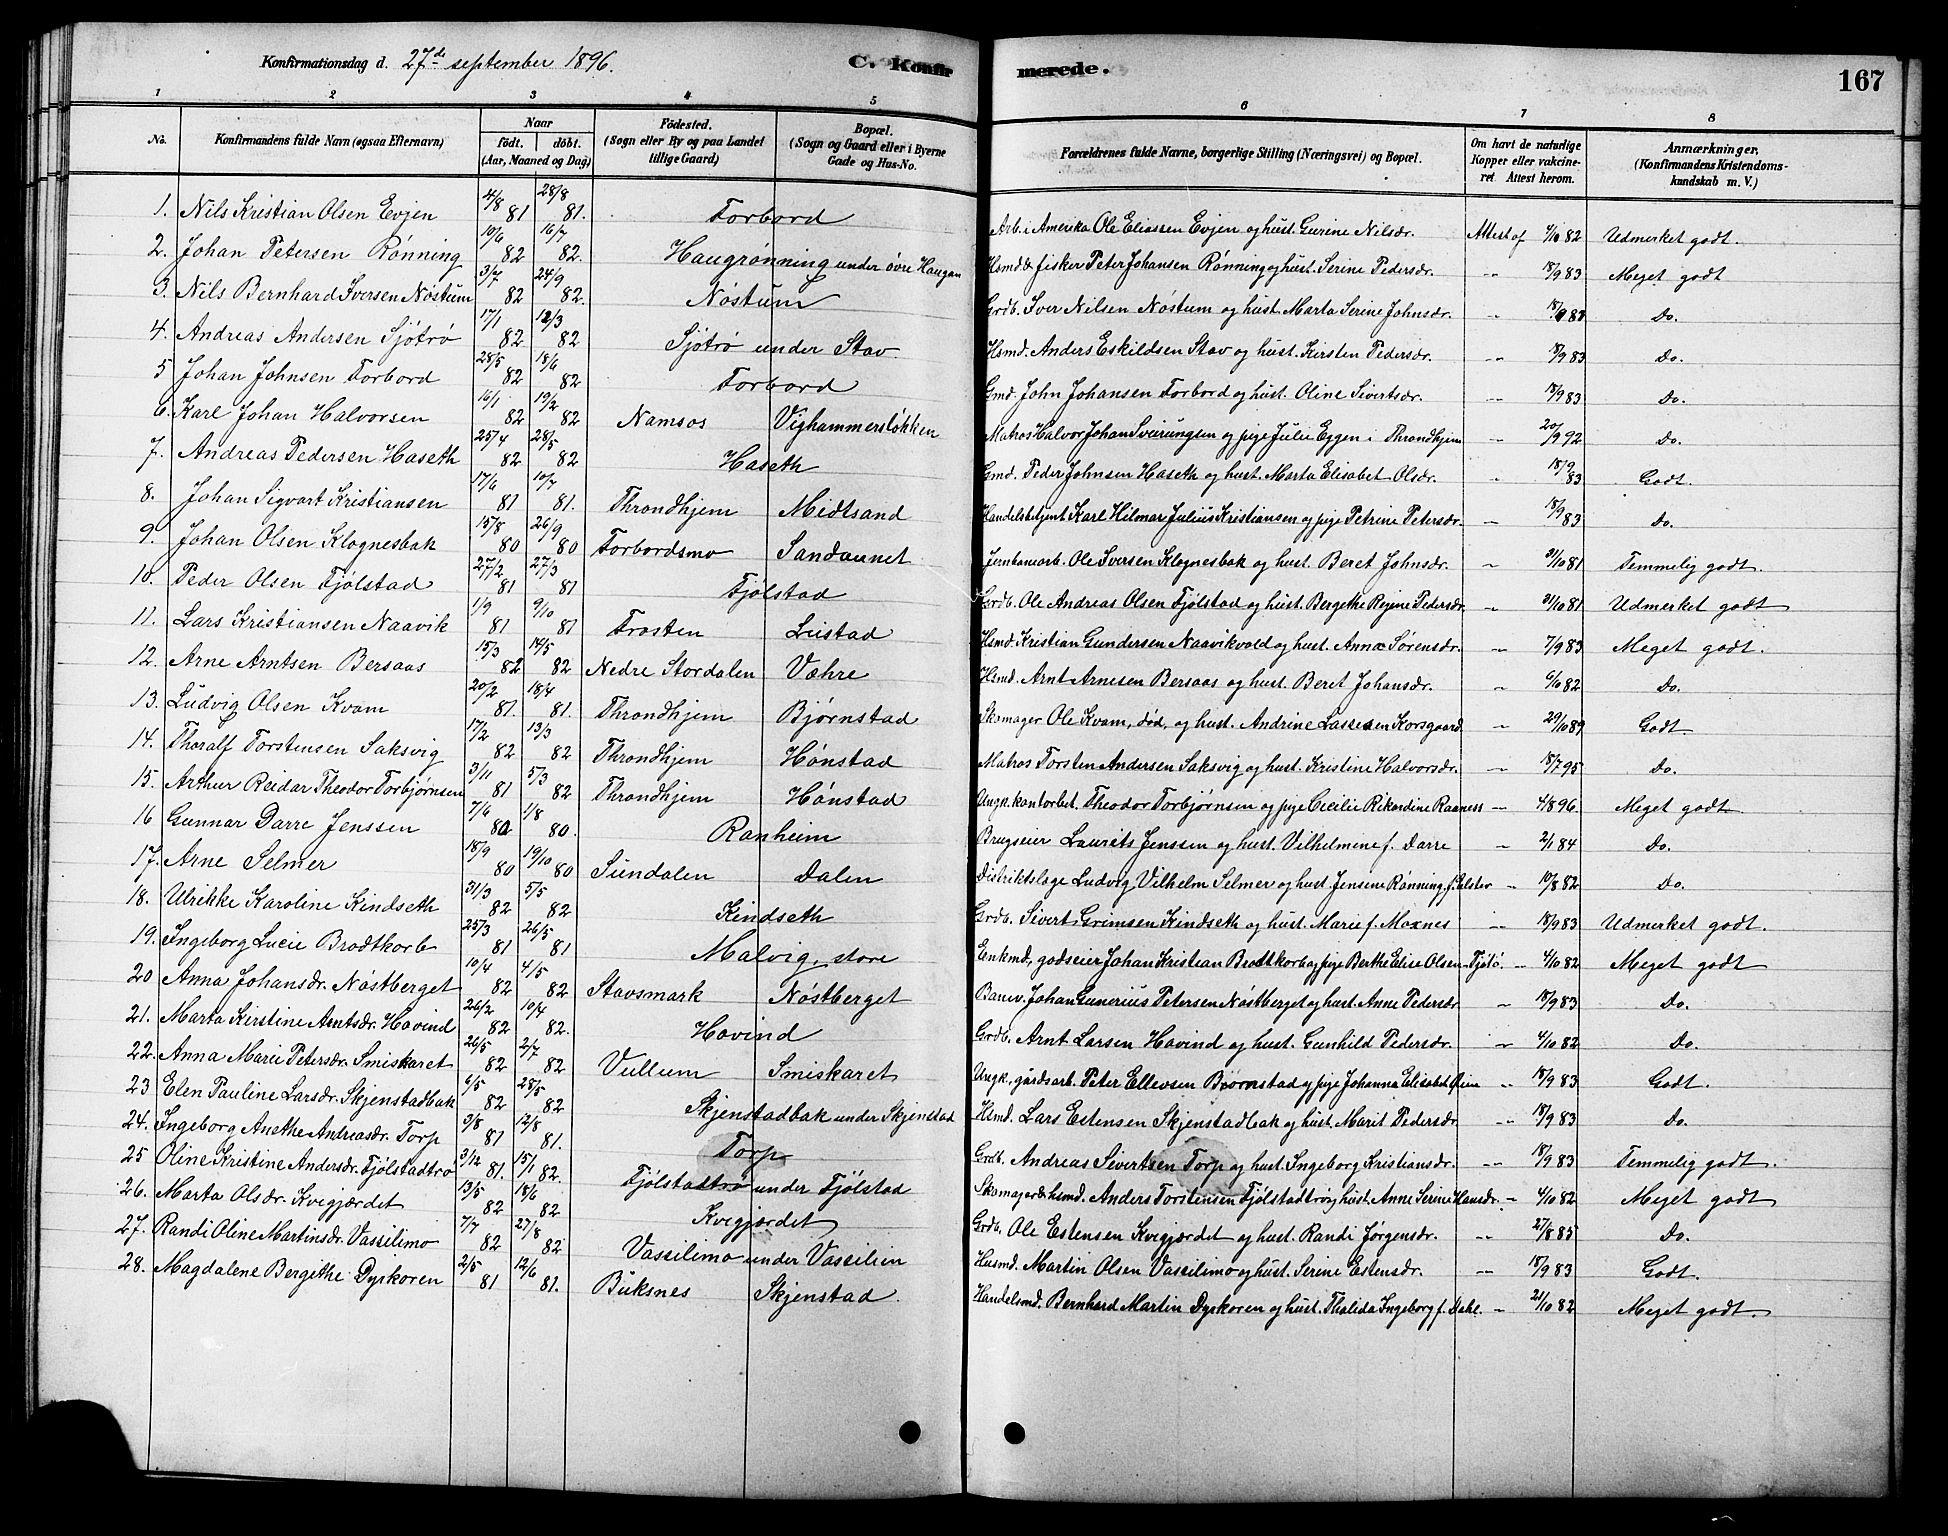 SAT, Ministerialprotokoller, klokkerbøker og fødselsregistre - Sør-Trøndelag, 616/L0423: Klokkerbok nr. 616C06, 1878-1903, s. 167